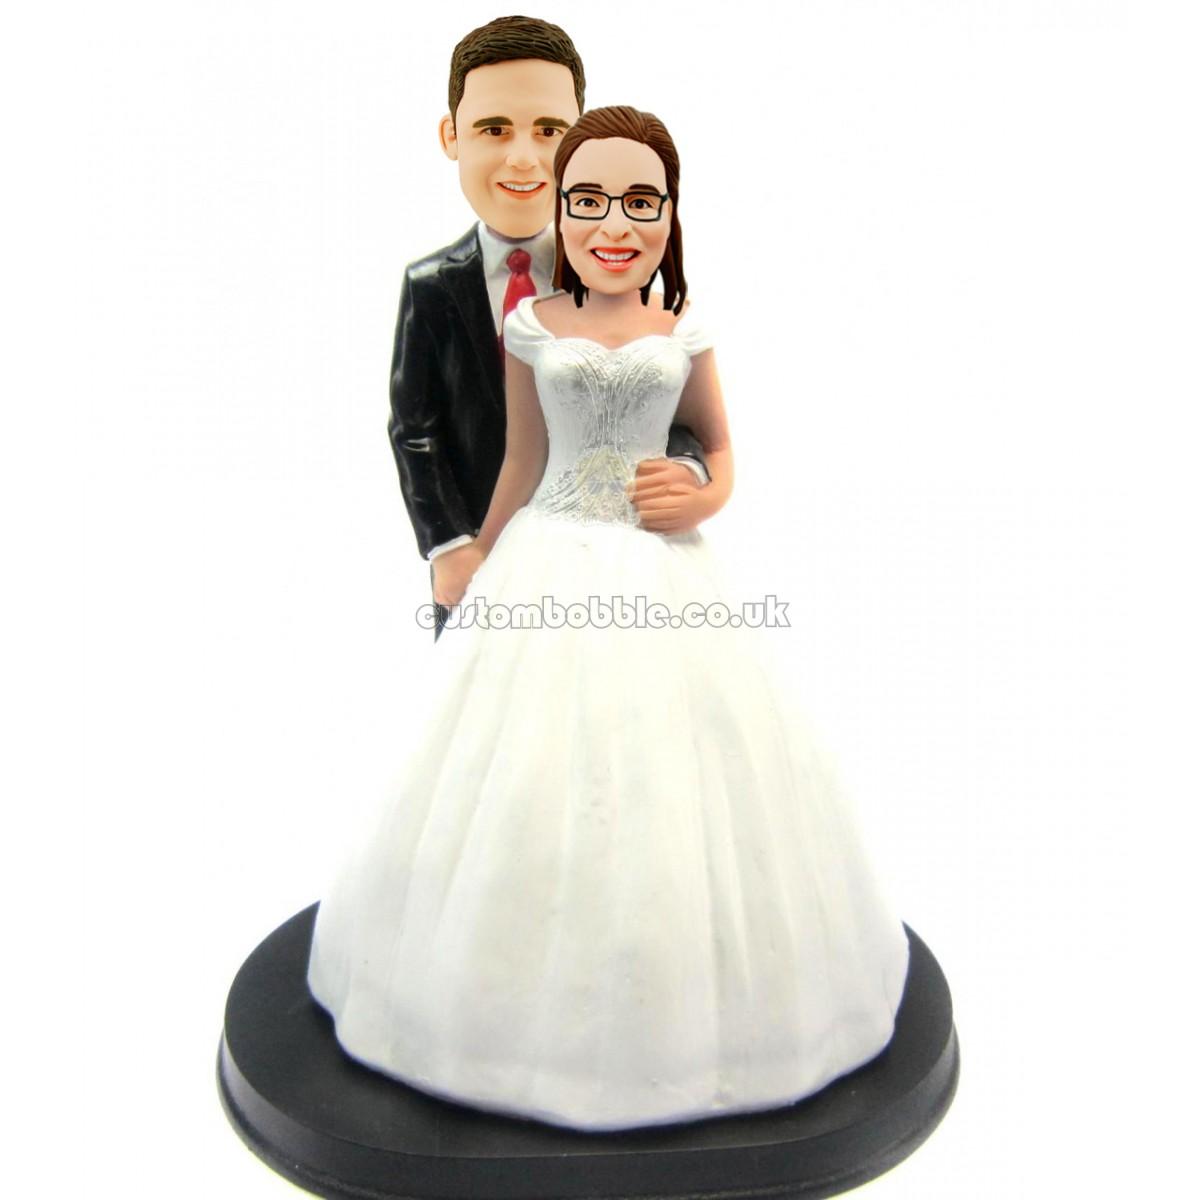 wedding cake topper bobbleheads. Black Bedroom Furniture Sets. Home Design Ideas